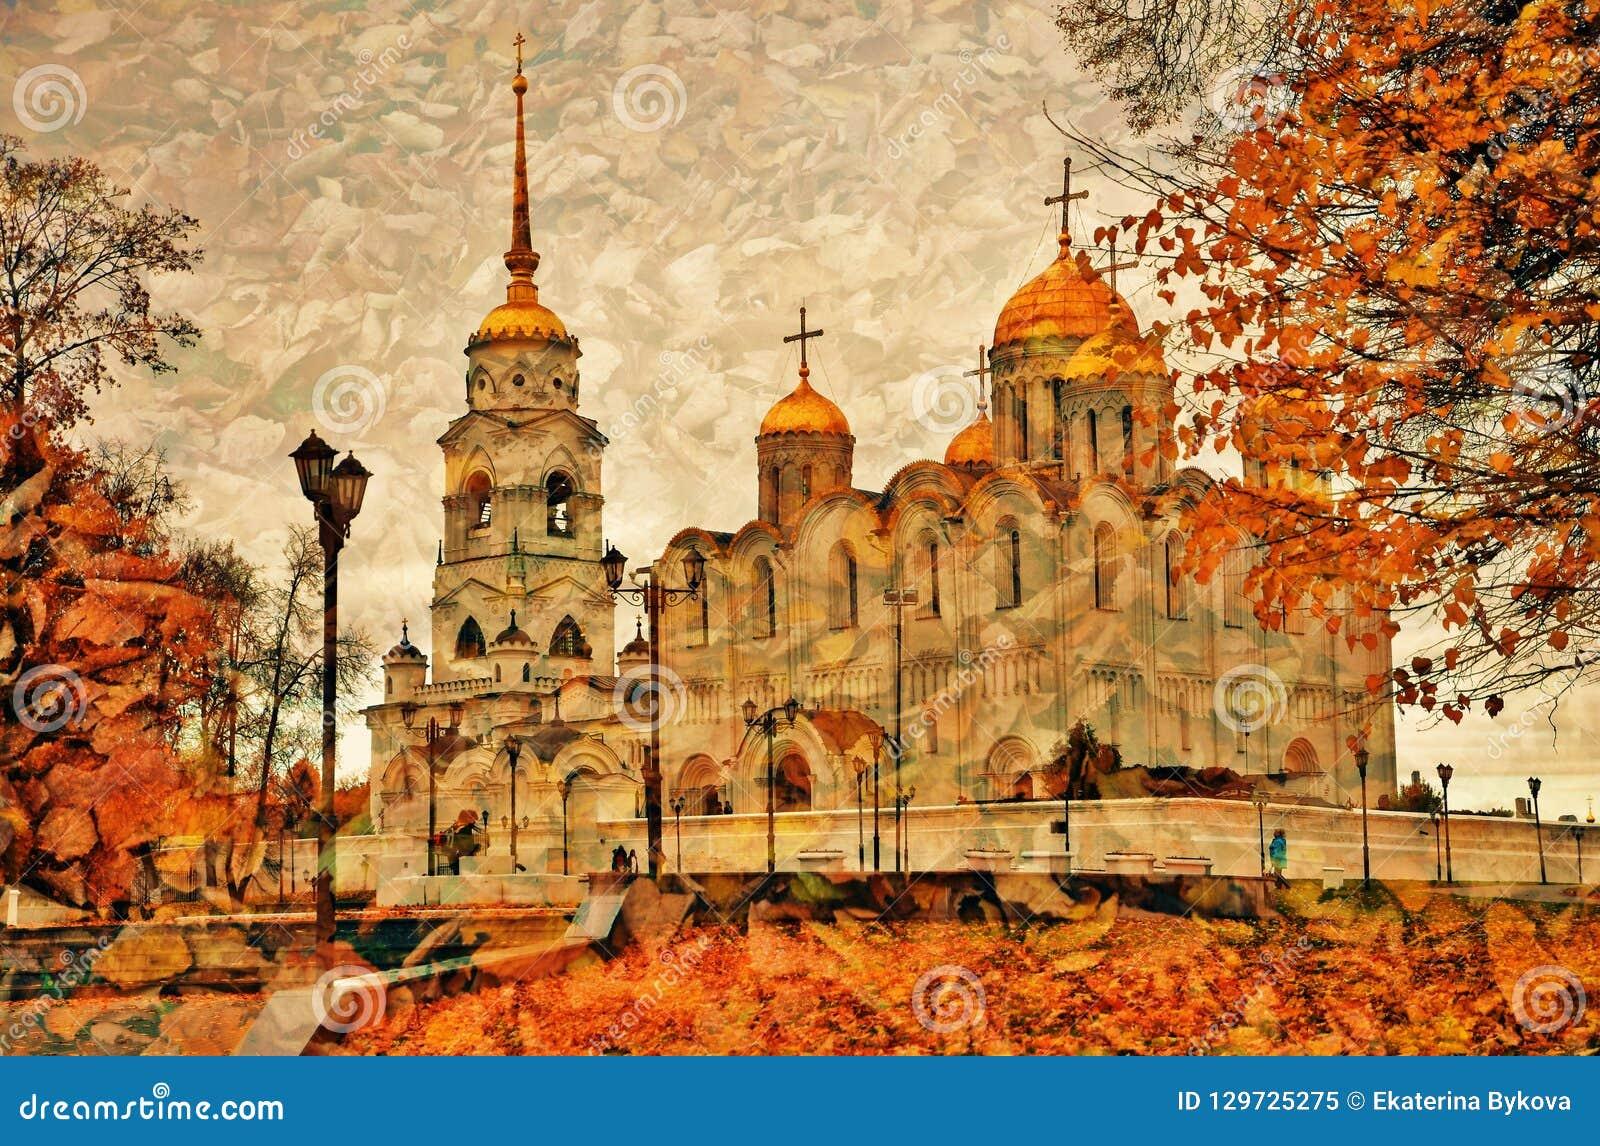 Annahme-Kathedrale in Vladimir, Russland Künstlerische Herbstcollage